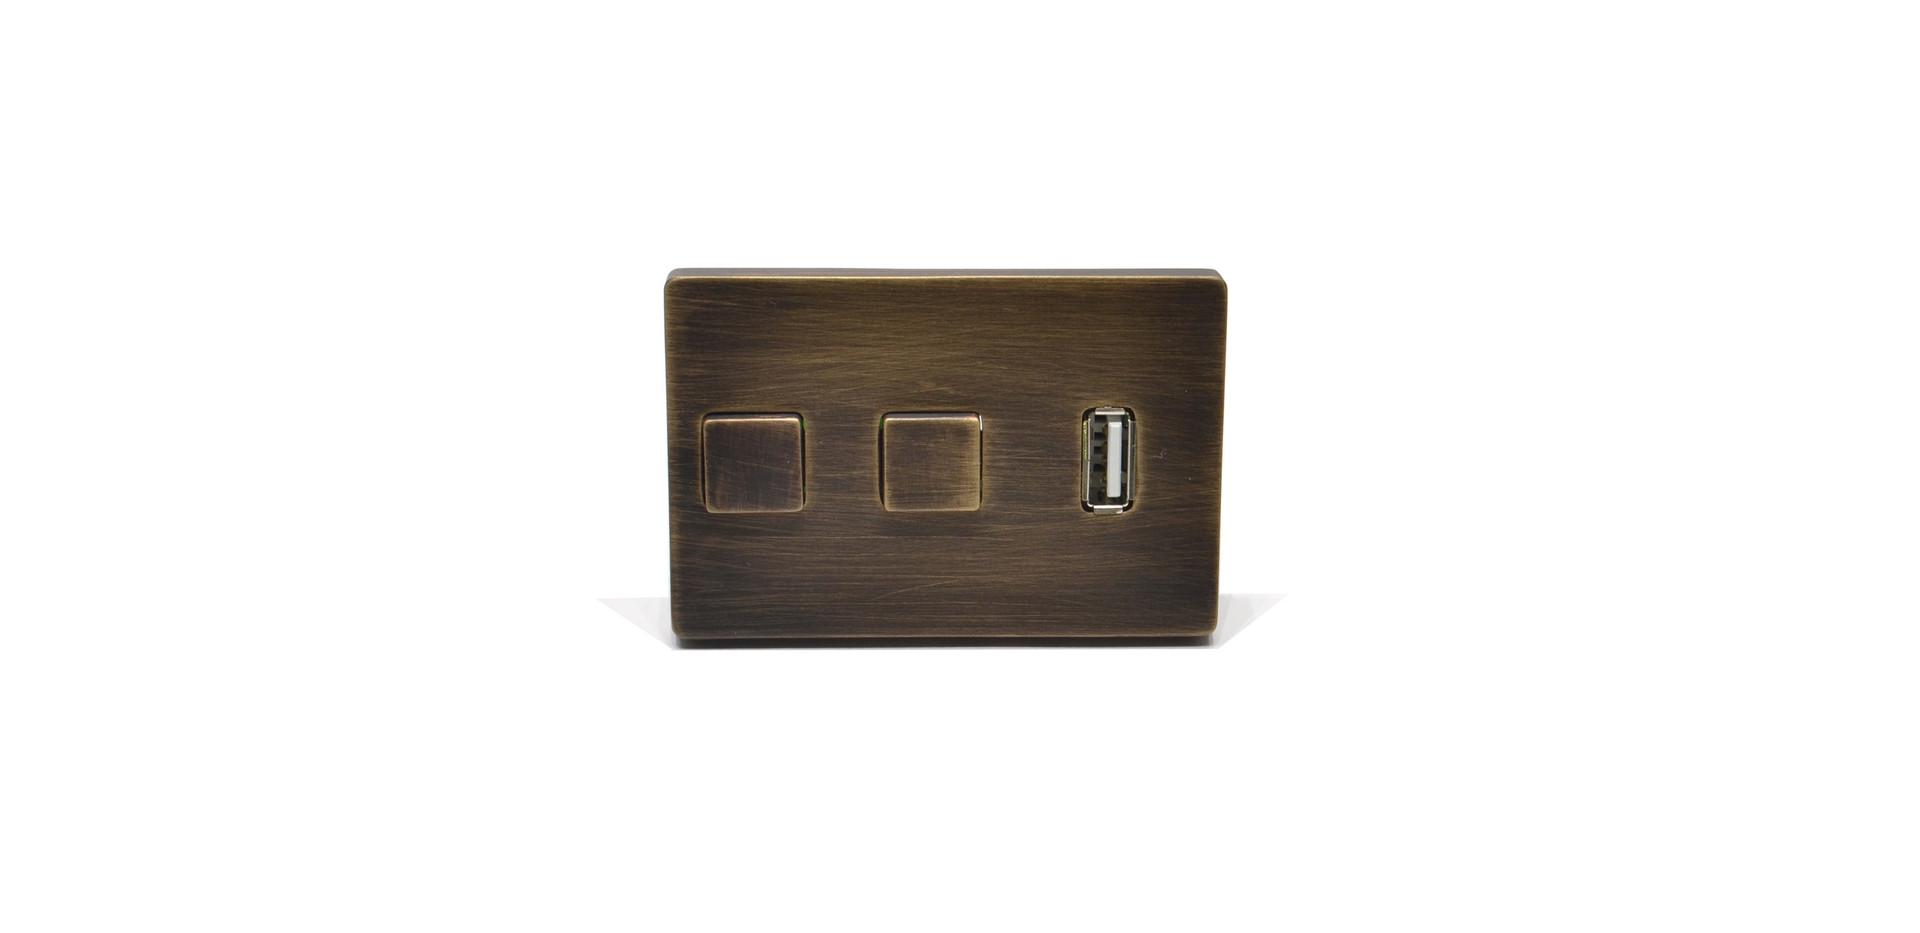 Pulsantiera-da-incasso-con-presa-USB-Ott